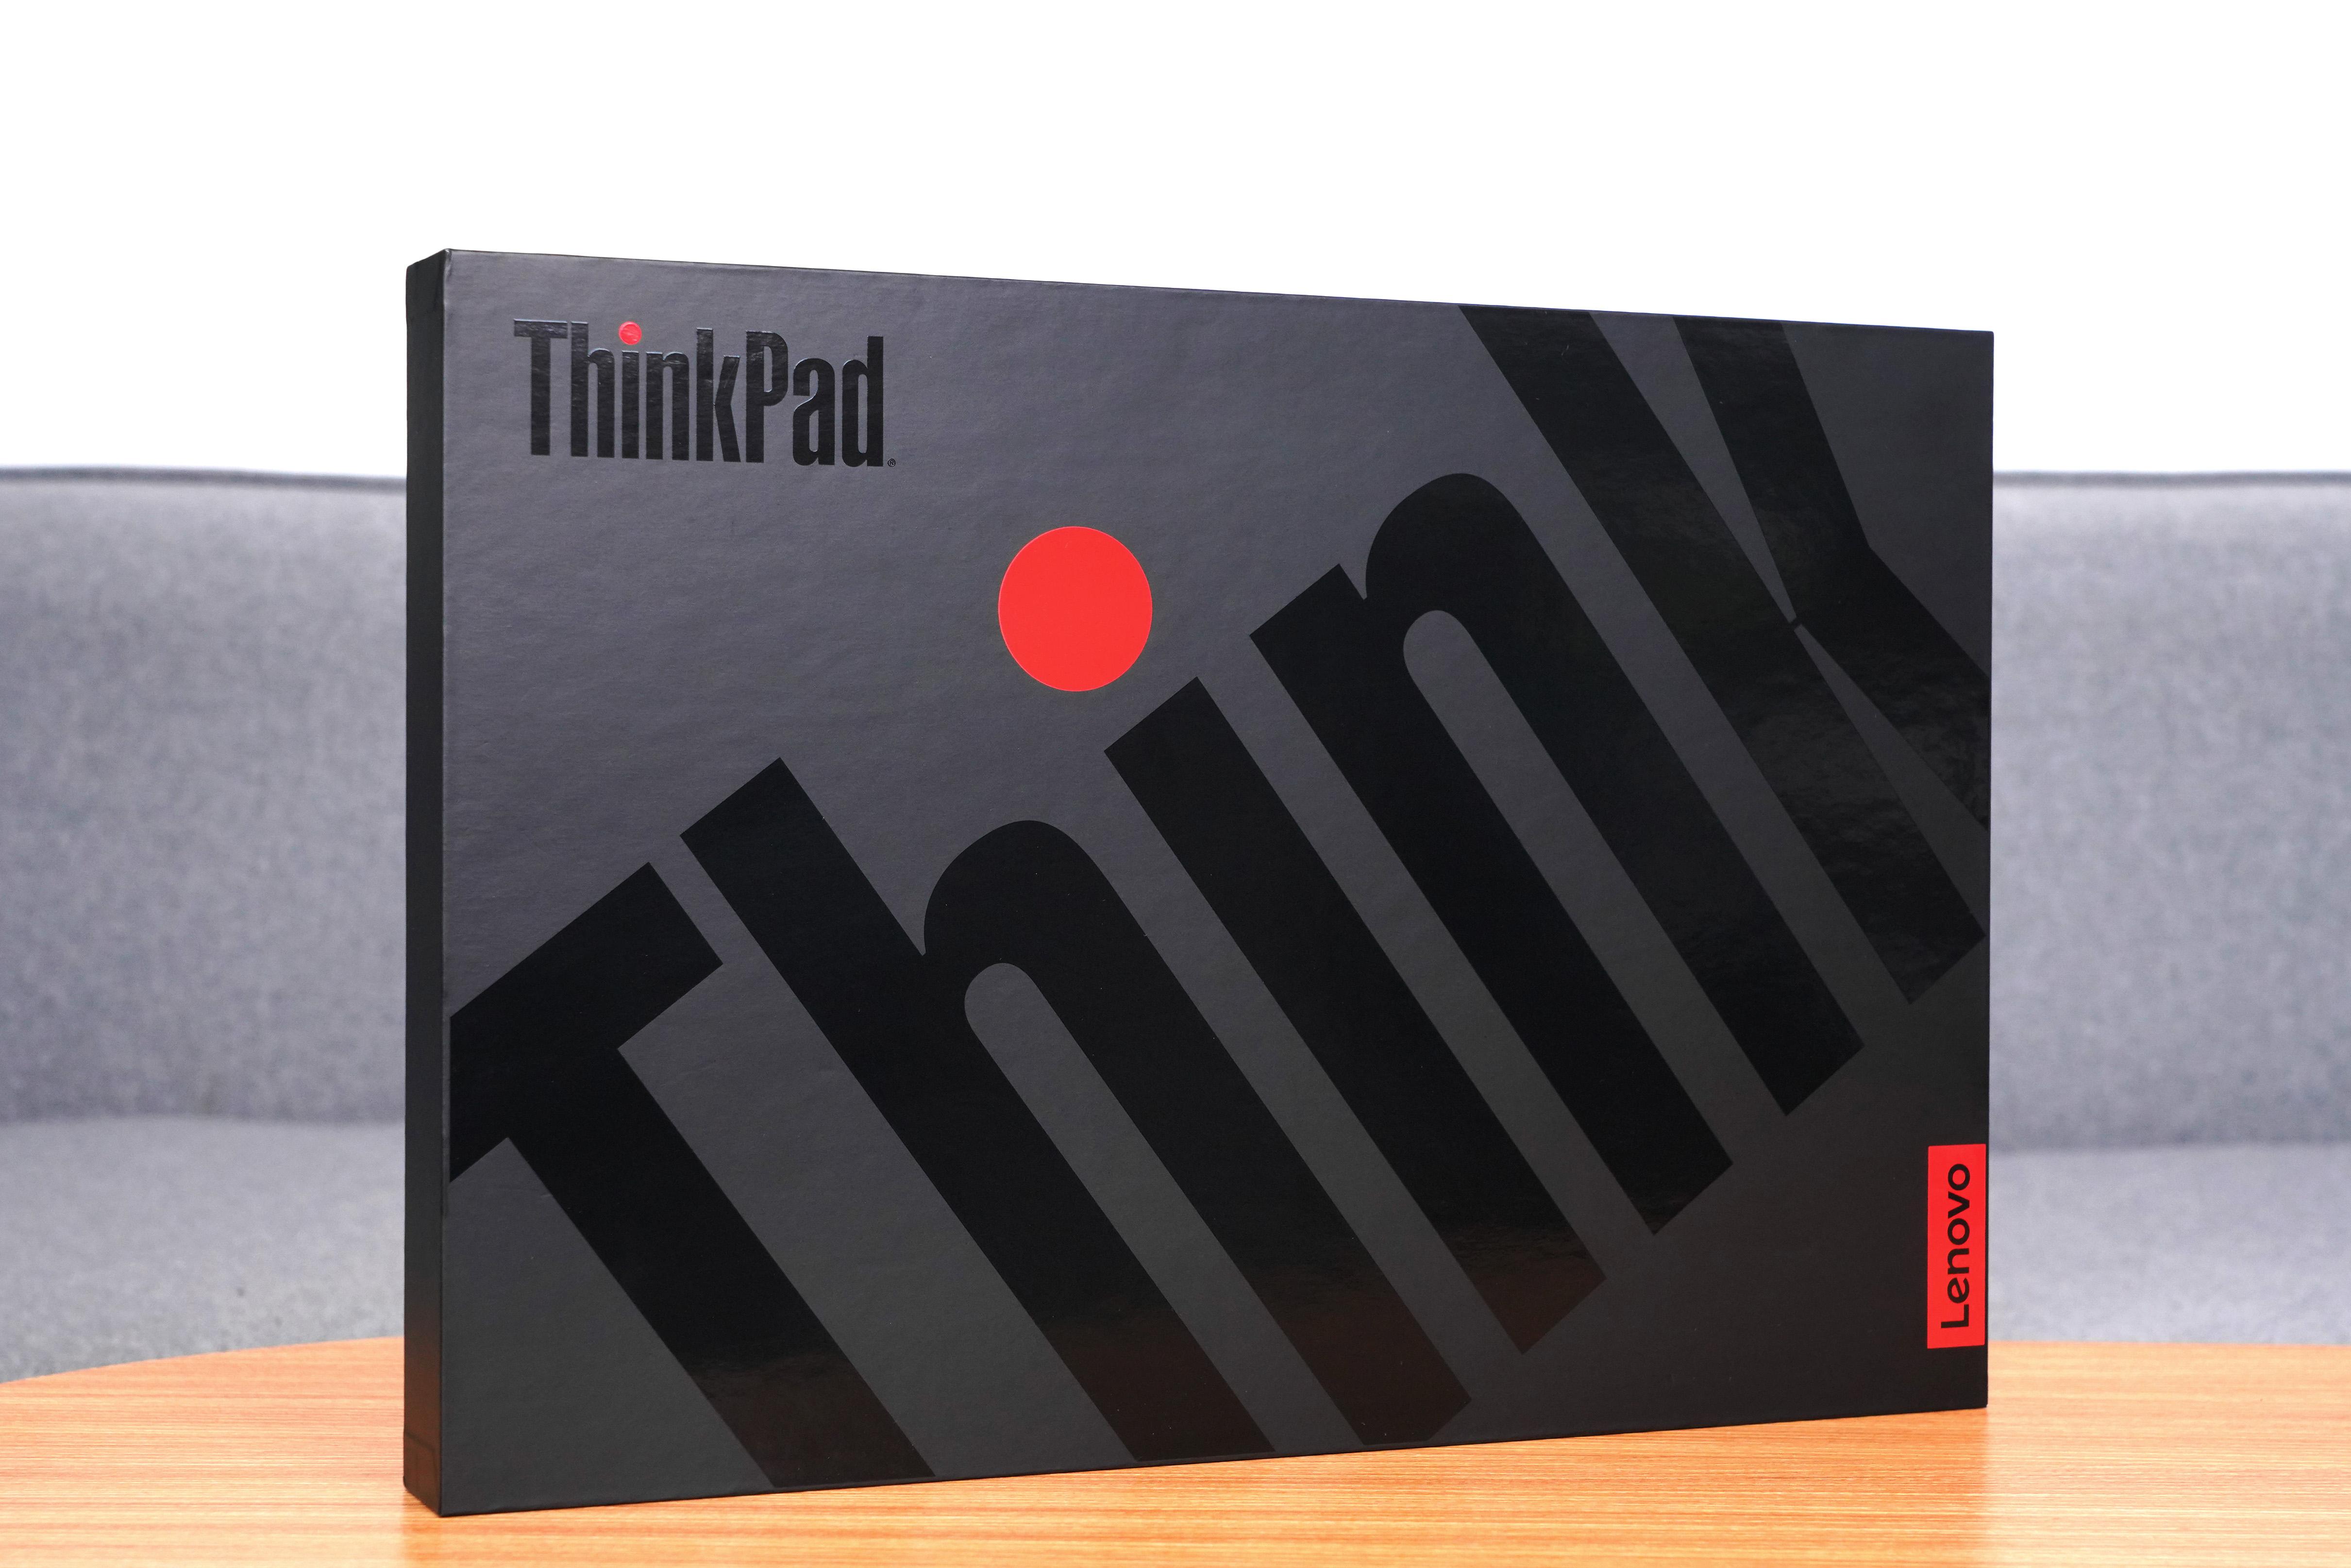 輕薄+高性能生產力 2019版ThinkPad P1移動工作站評測